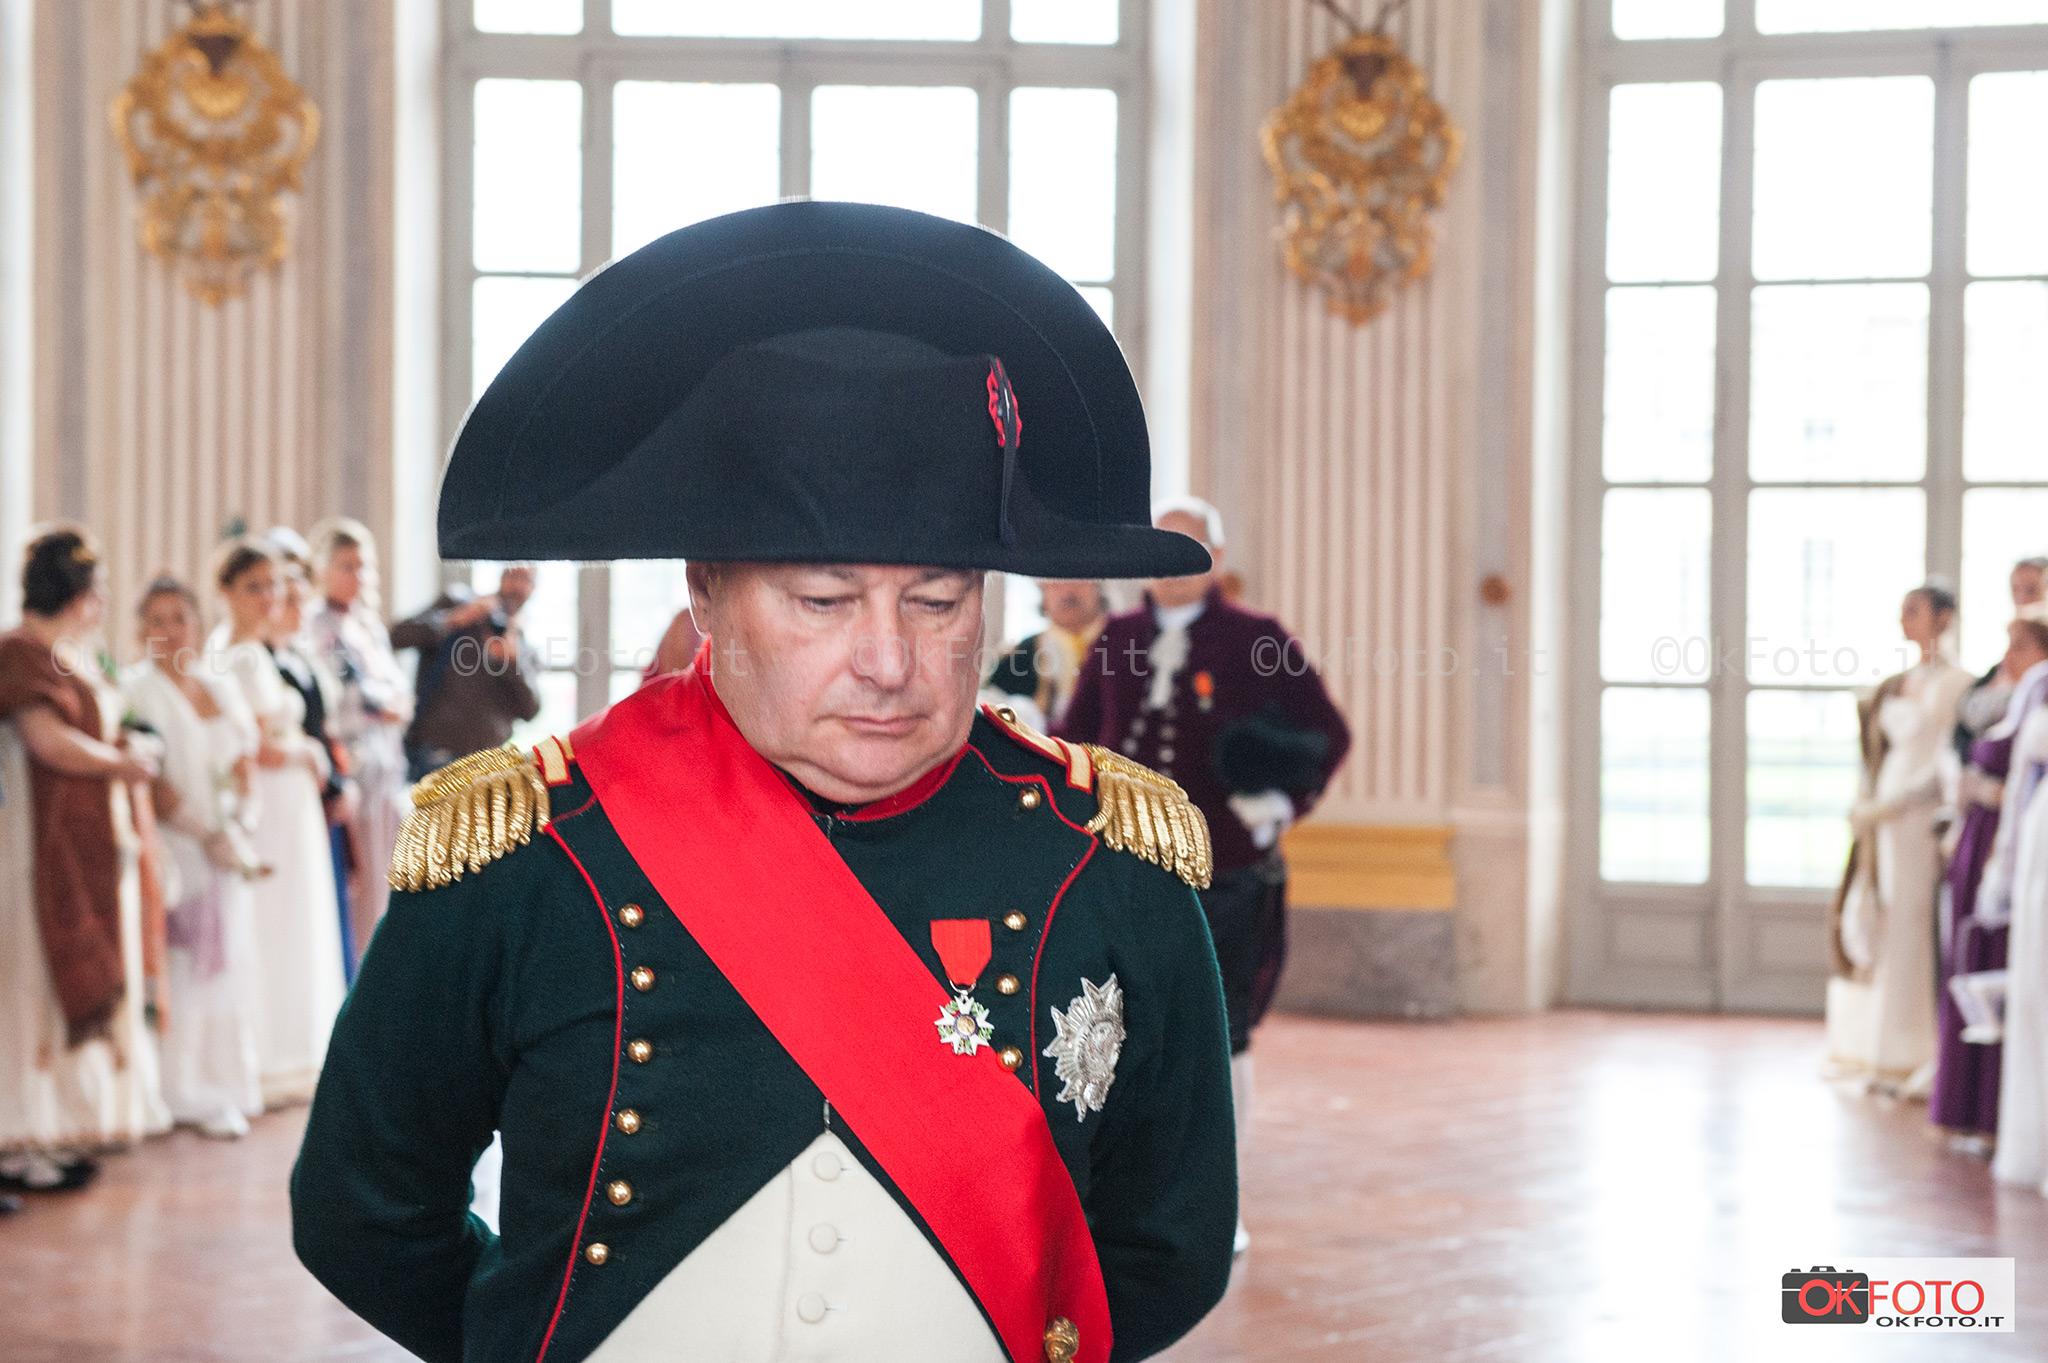 Napoleone nel salone da ballo di Stupinigi